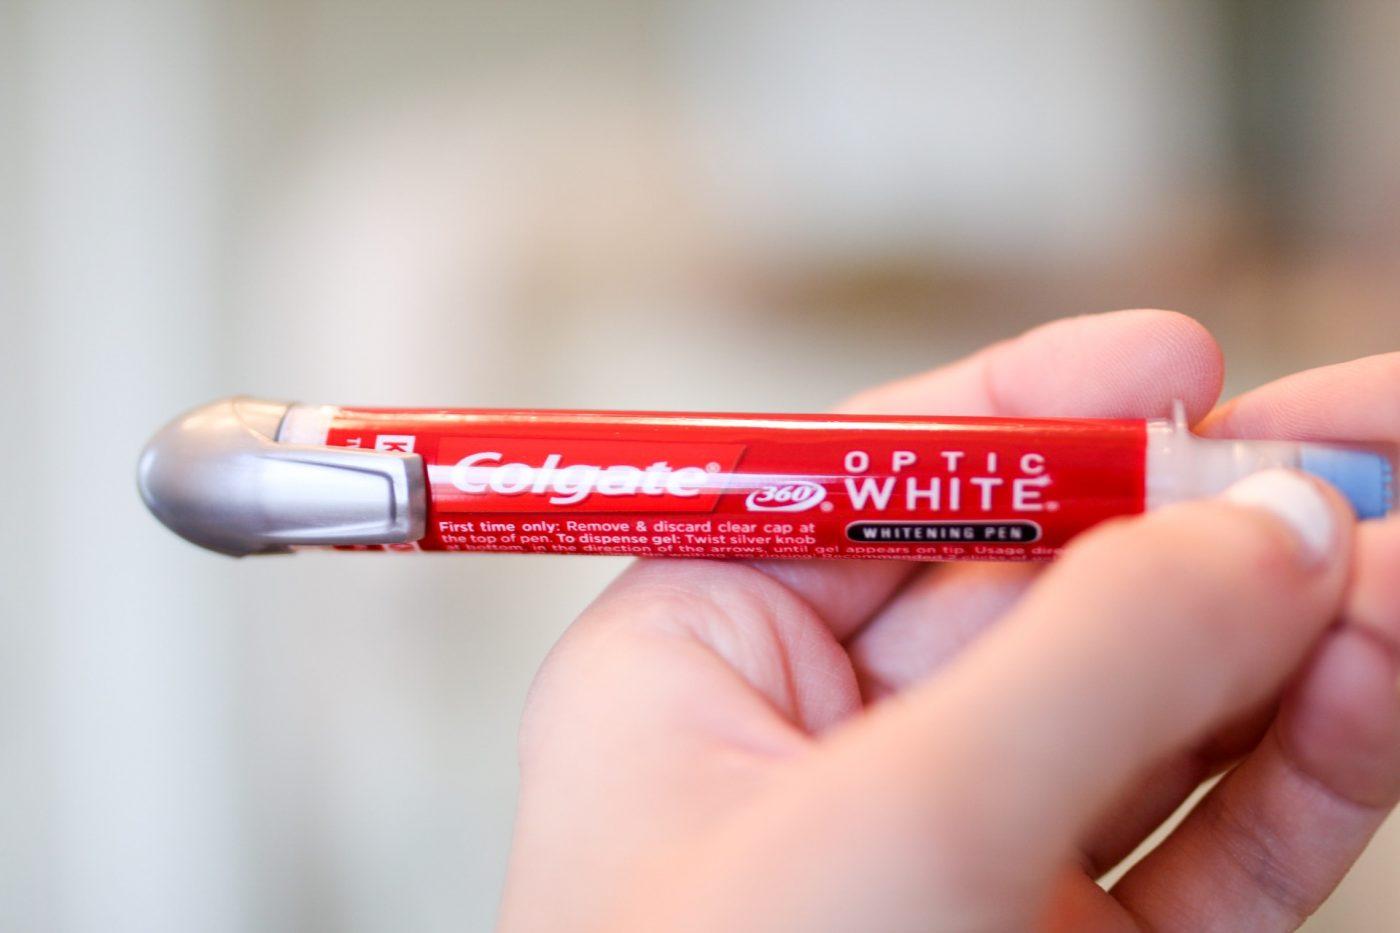 Colgate Whitening Pen